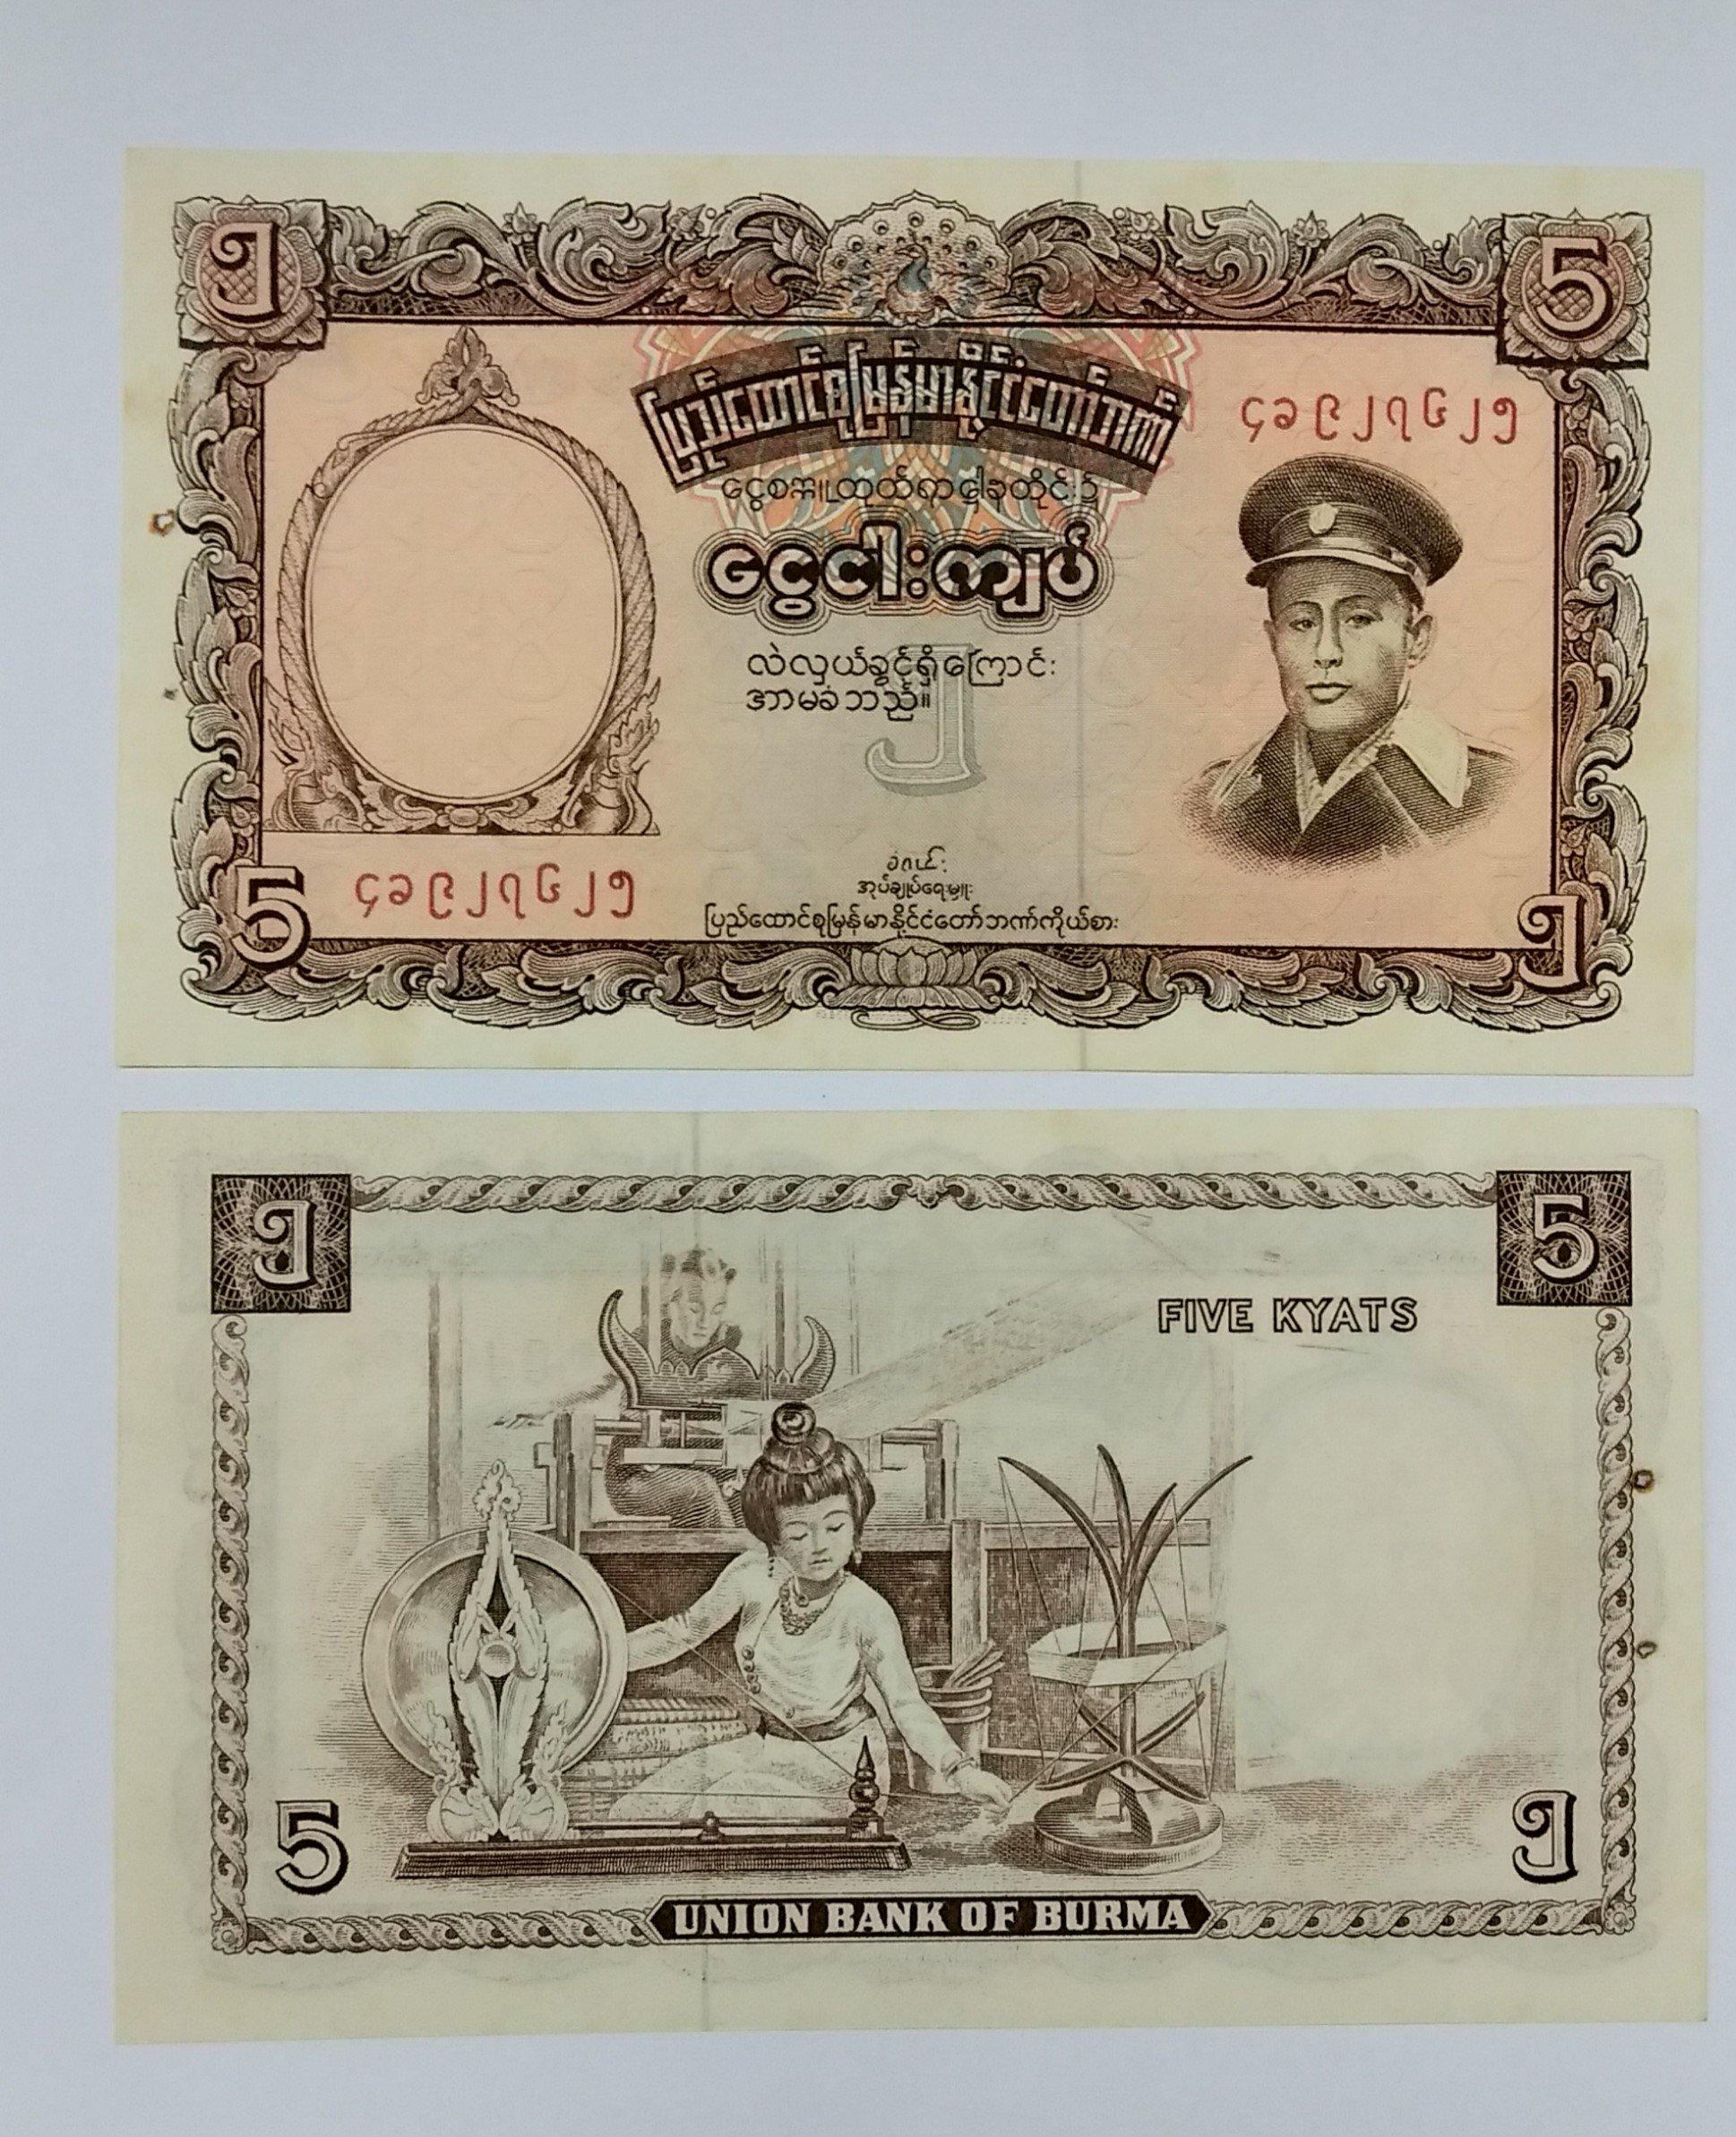 Burma 5 kyats 1958